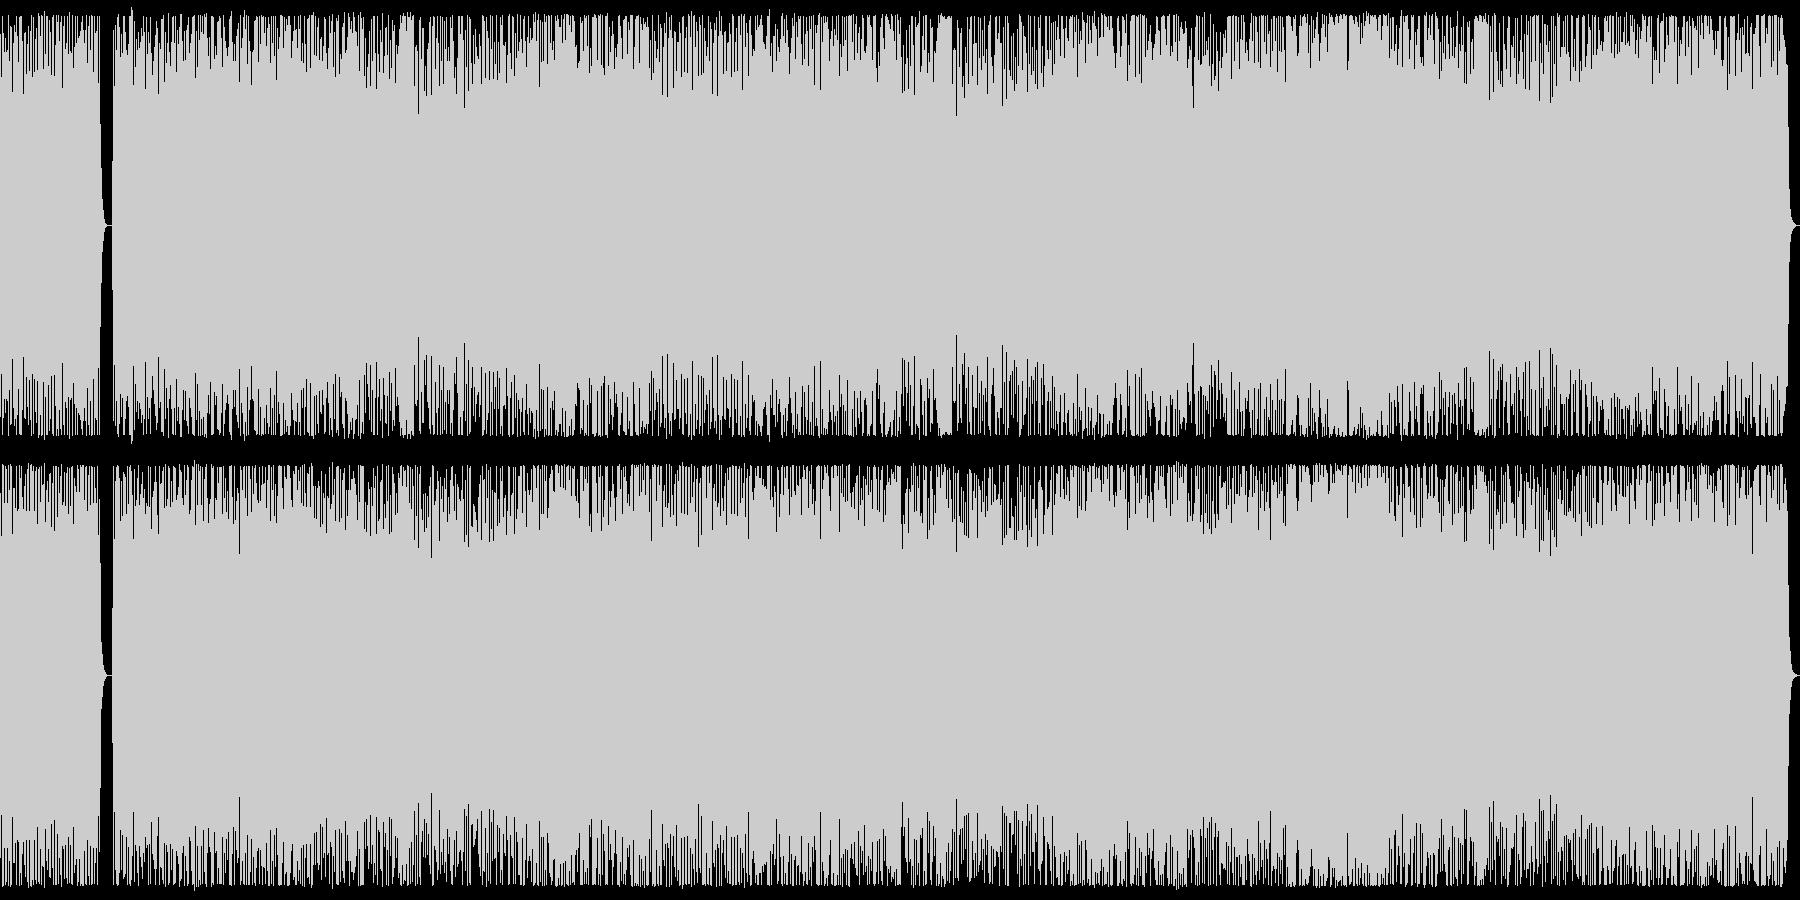 勇壮、ダークな3連系リズムのメタルBGMの未再生の波形